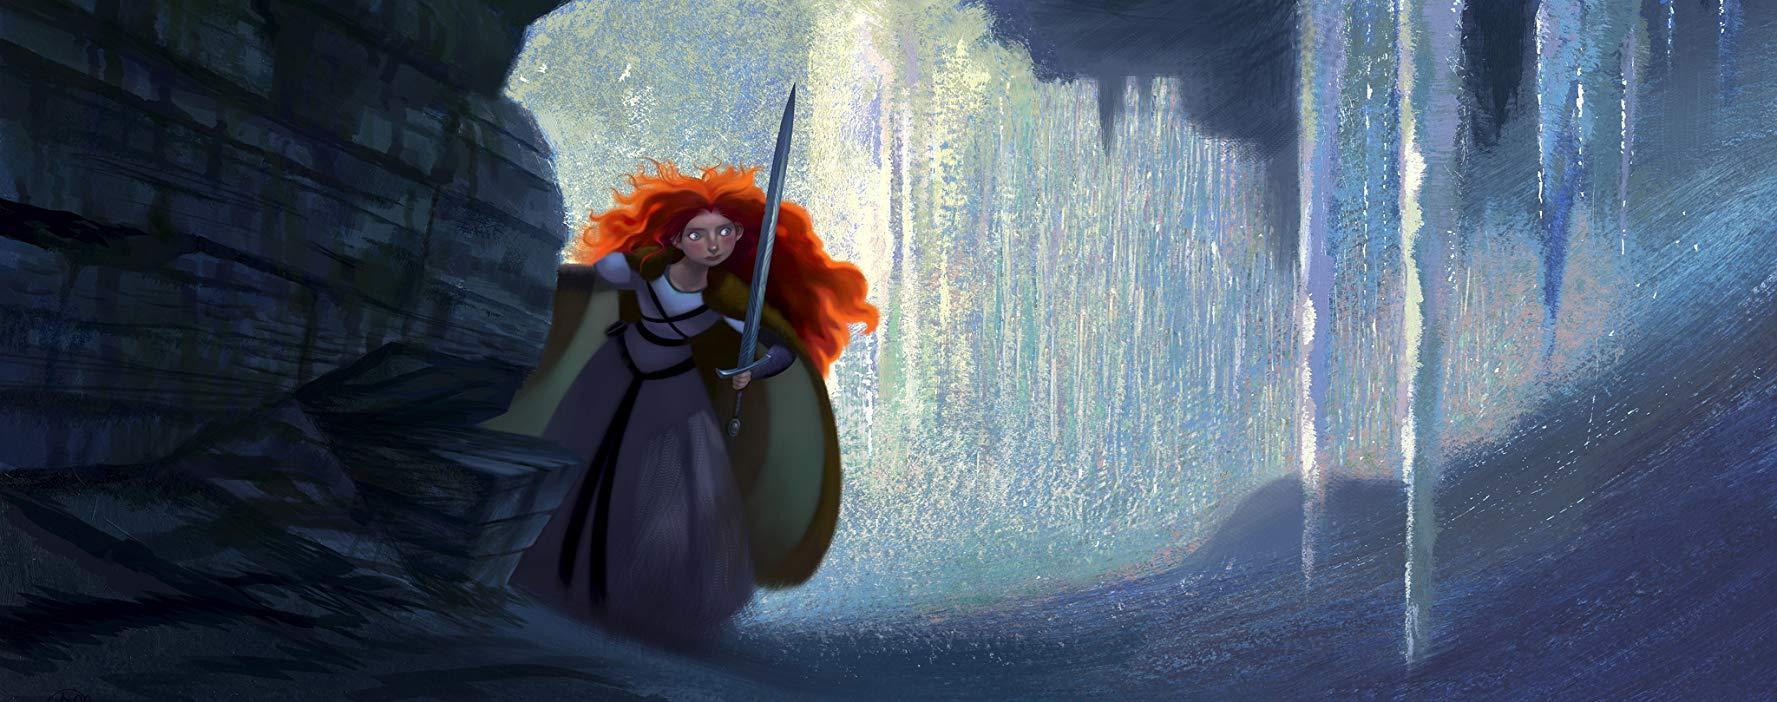 مشاهدة فيلم Brave 2012 HD مترجم كامل اون لاين